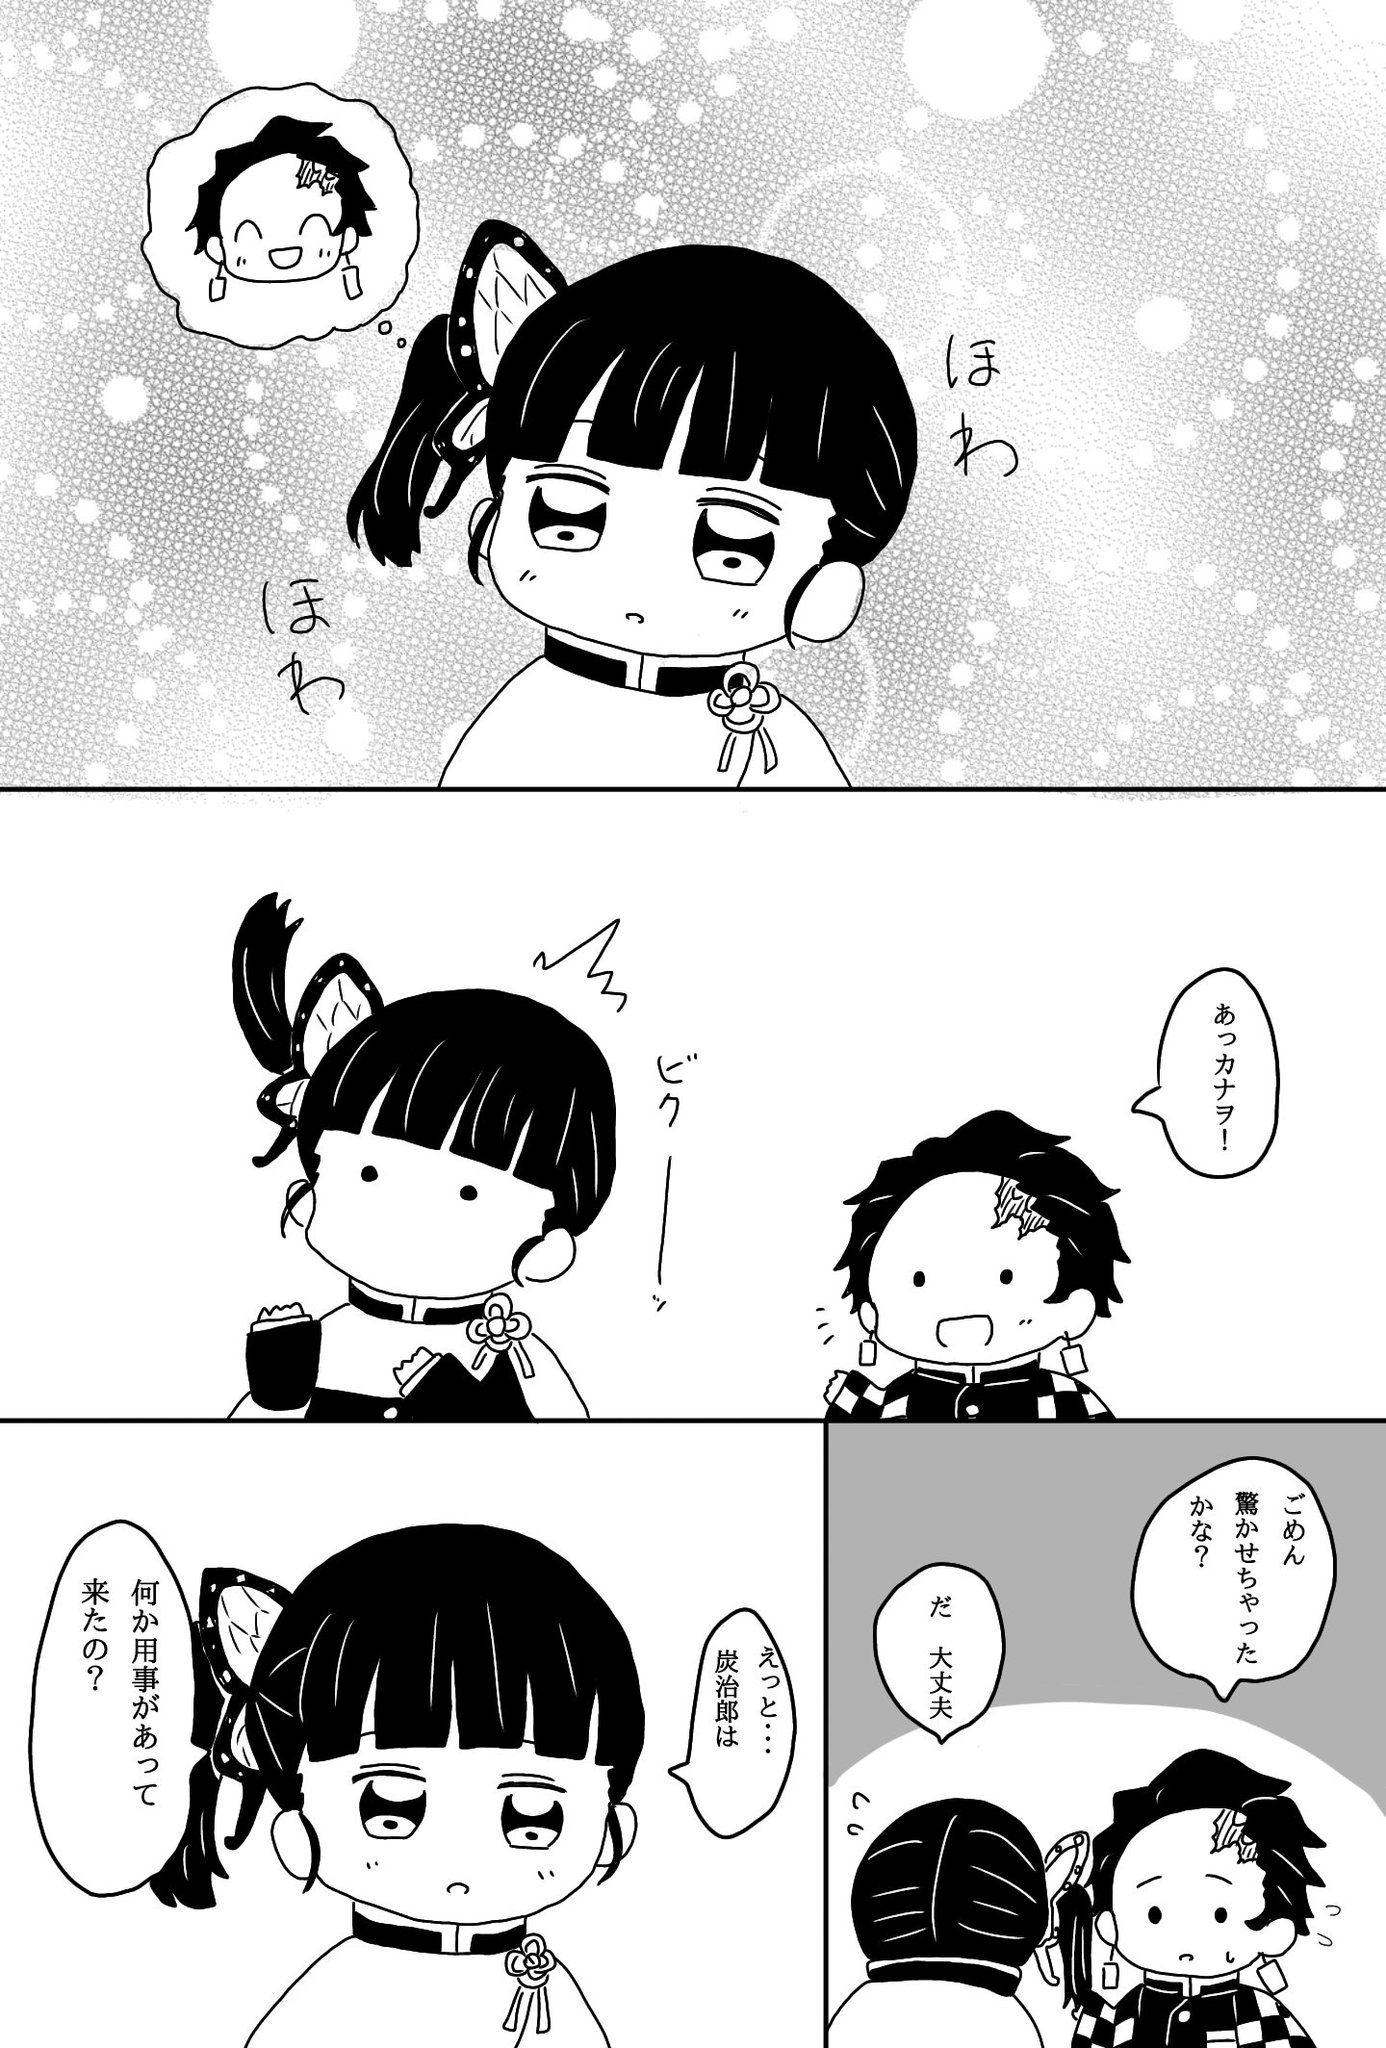 カナヲ炭次郎